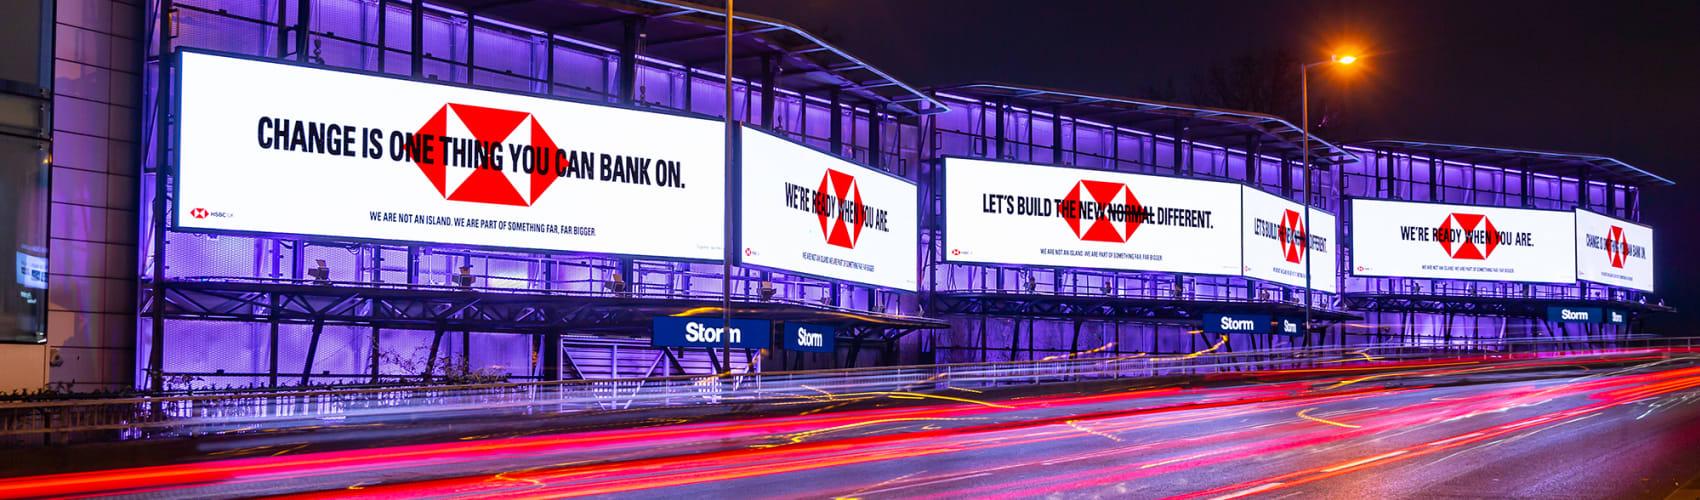 HSBC on Cromination at night